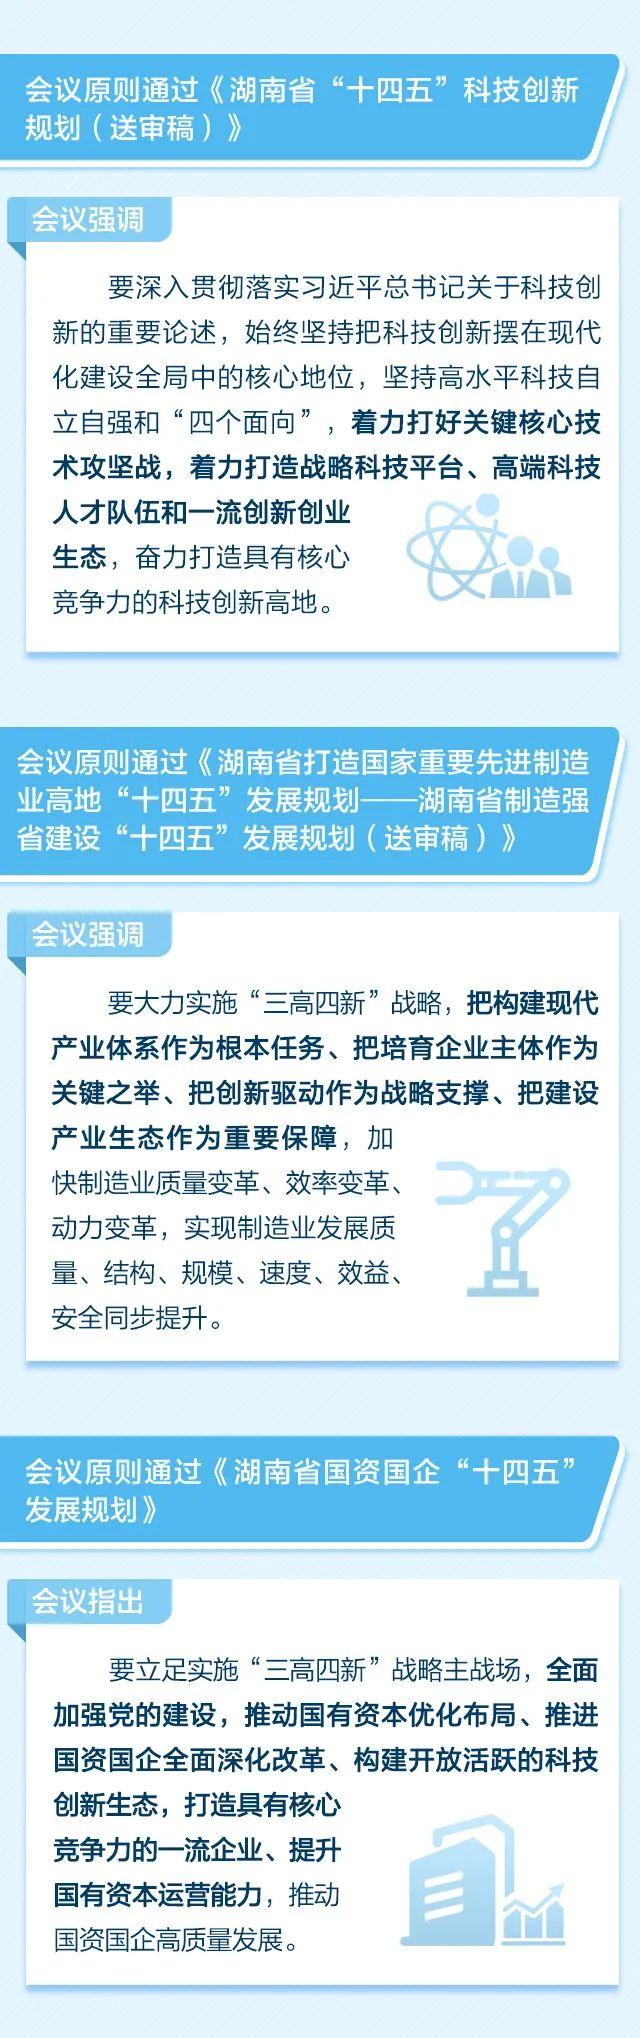 毛伟明主持召开省政府常务会议 研究部署安全生产科技创新等工作